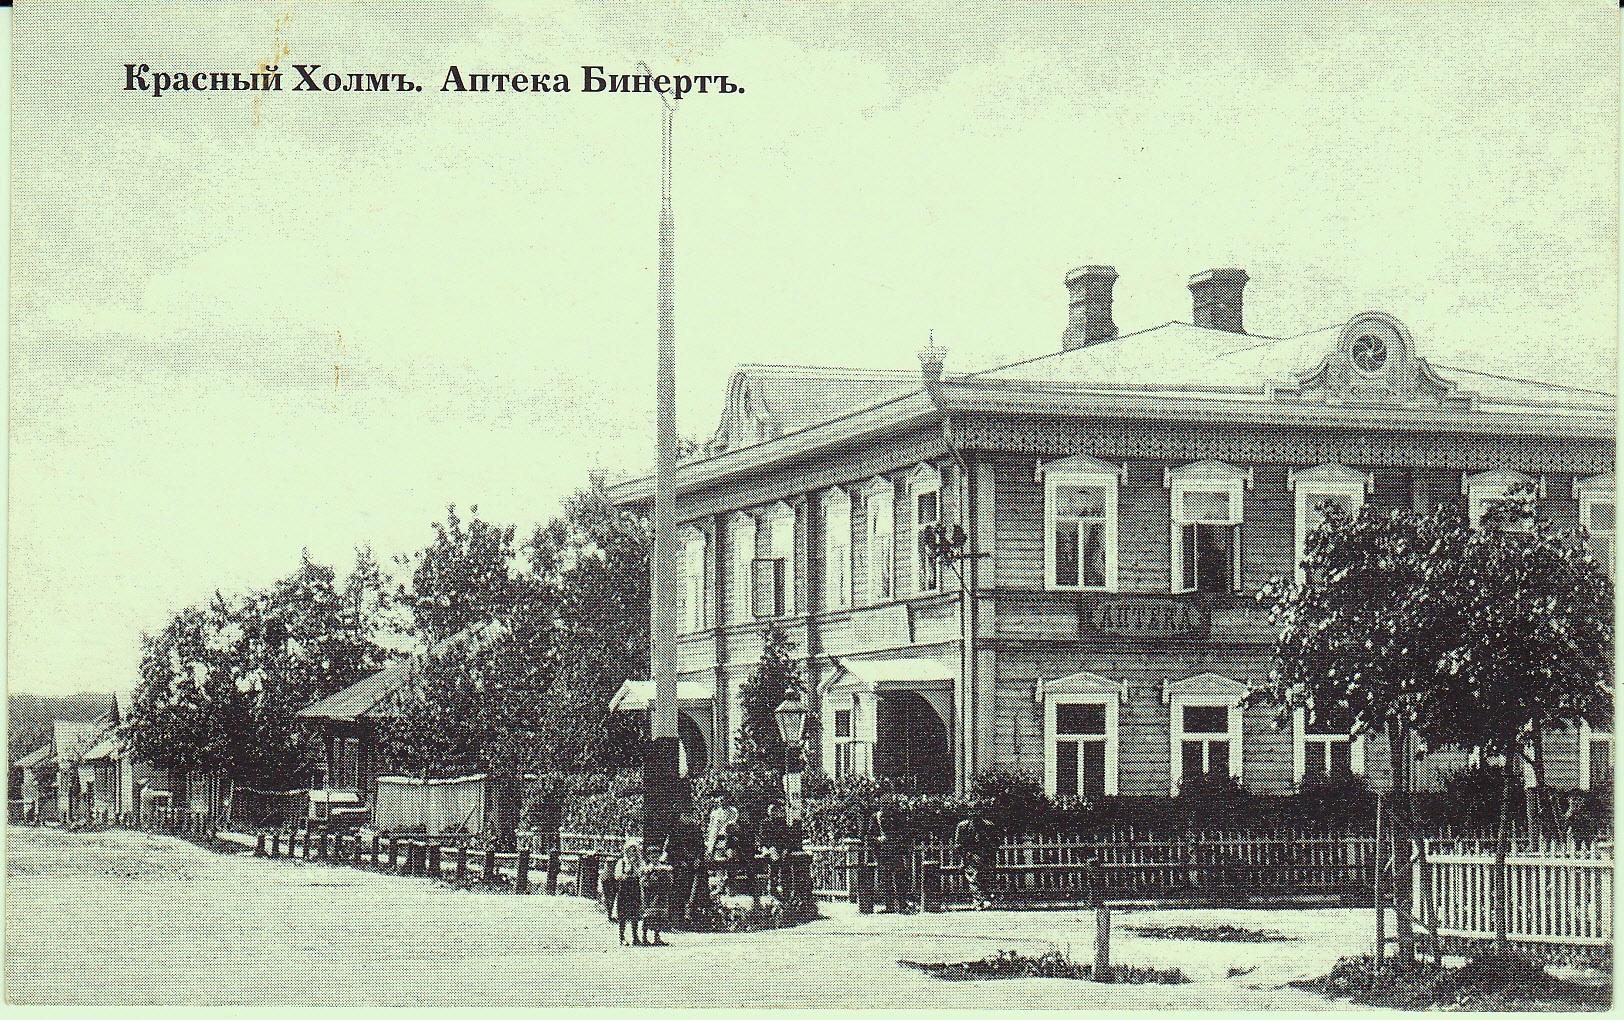 Аптека Бинерт